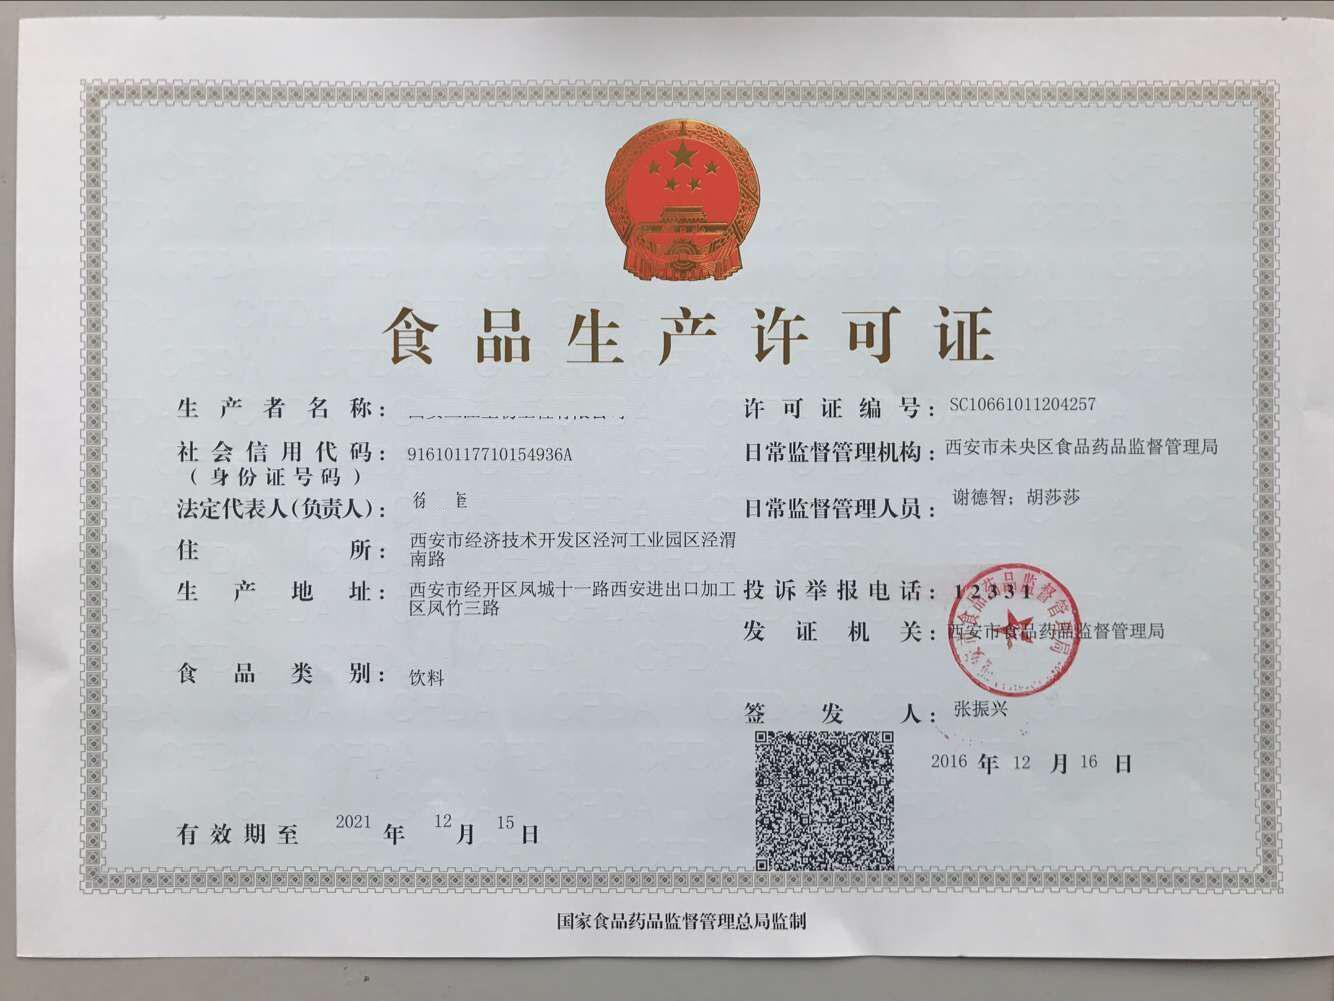 代办食品生产许可证-可信赖的食品经营许可证办理提供